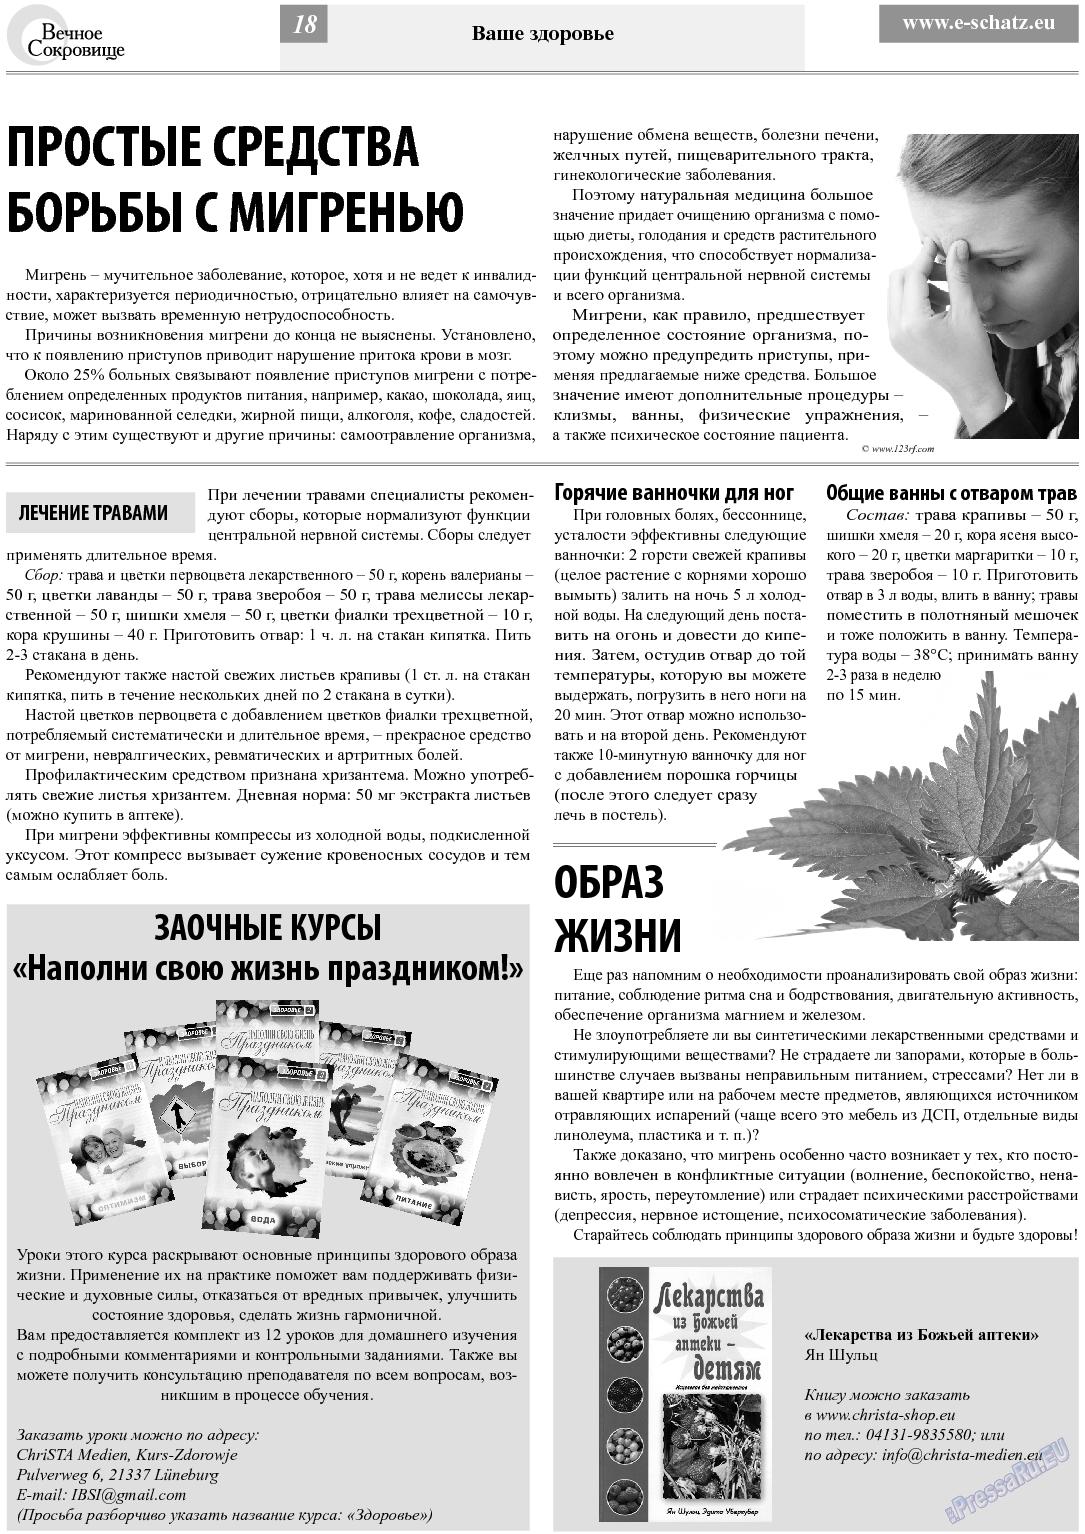 Вечное сокровище (газета). 2013 год, номер 6, стр. 18